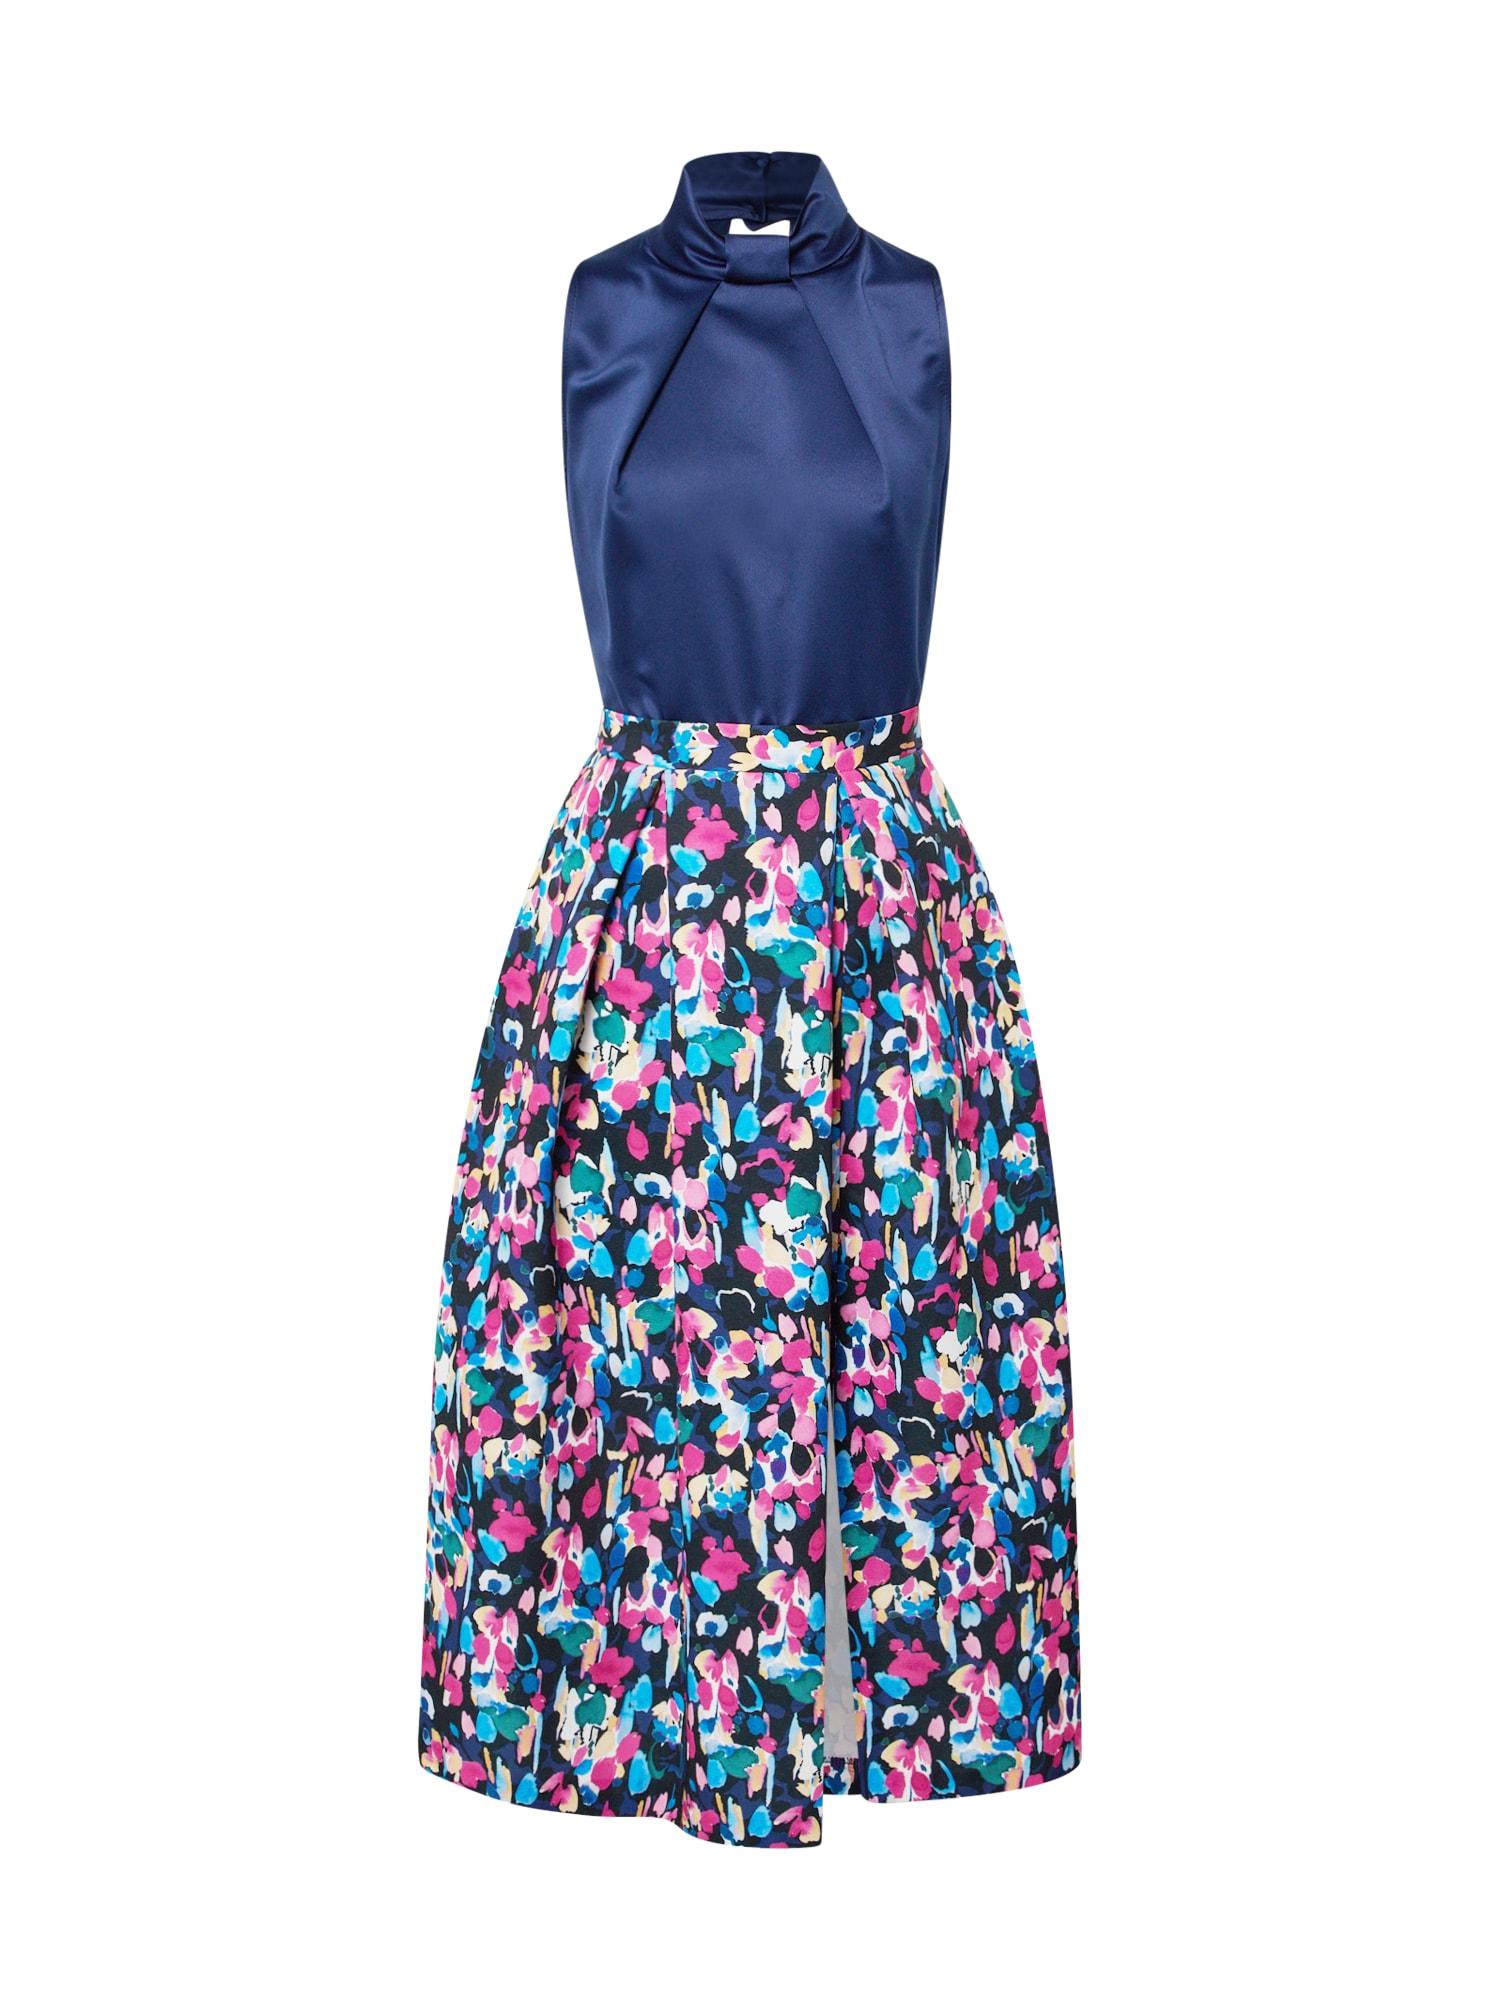 Closet London Kokteilinė suknelė tamsiai mėlyna / mišrios spalvos